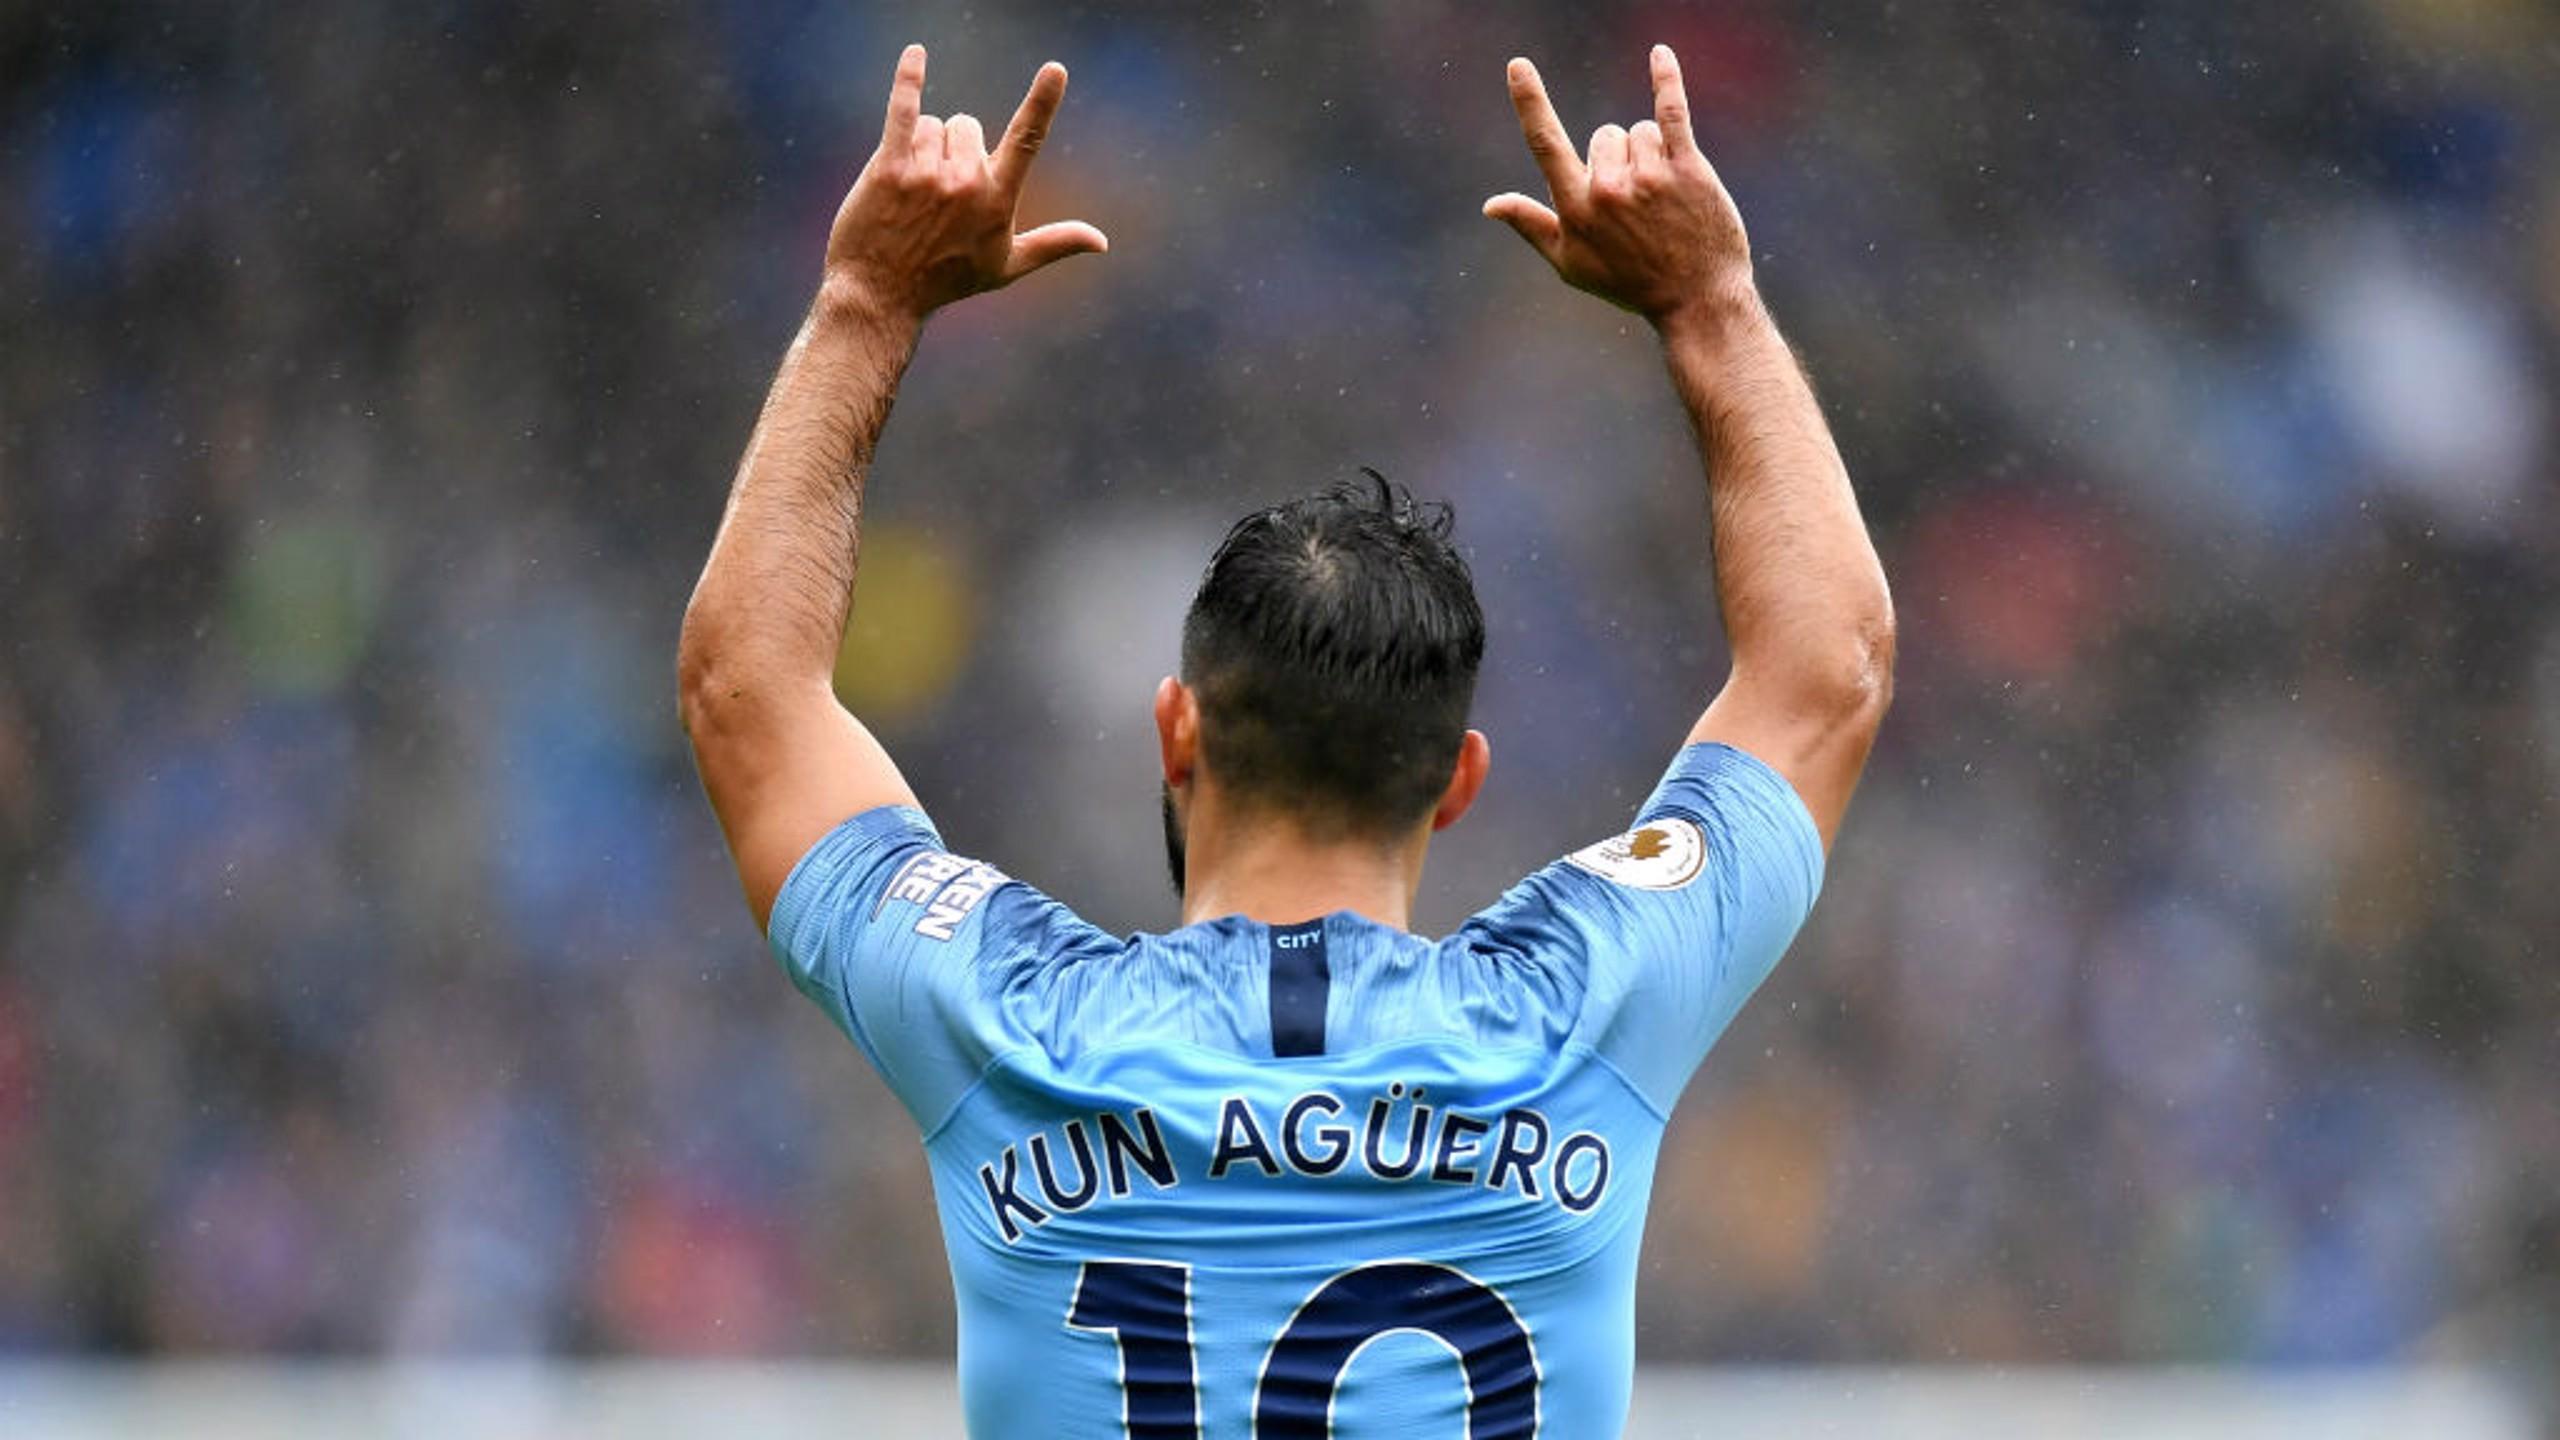 SERGIO SALUTE: Aguero celebrates a goal on his 300th appearance